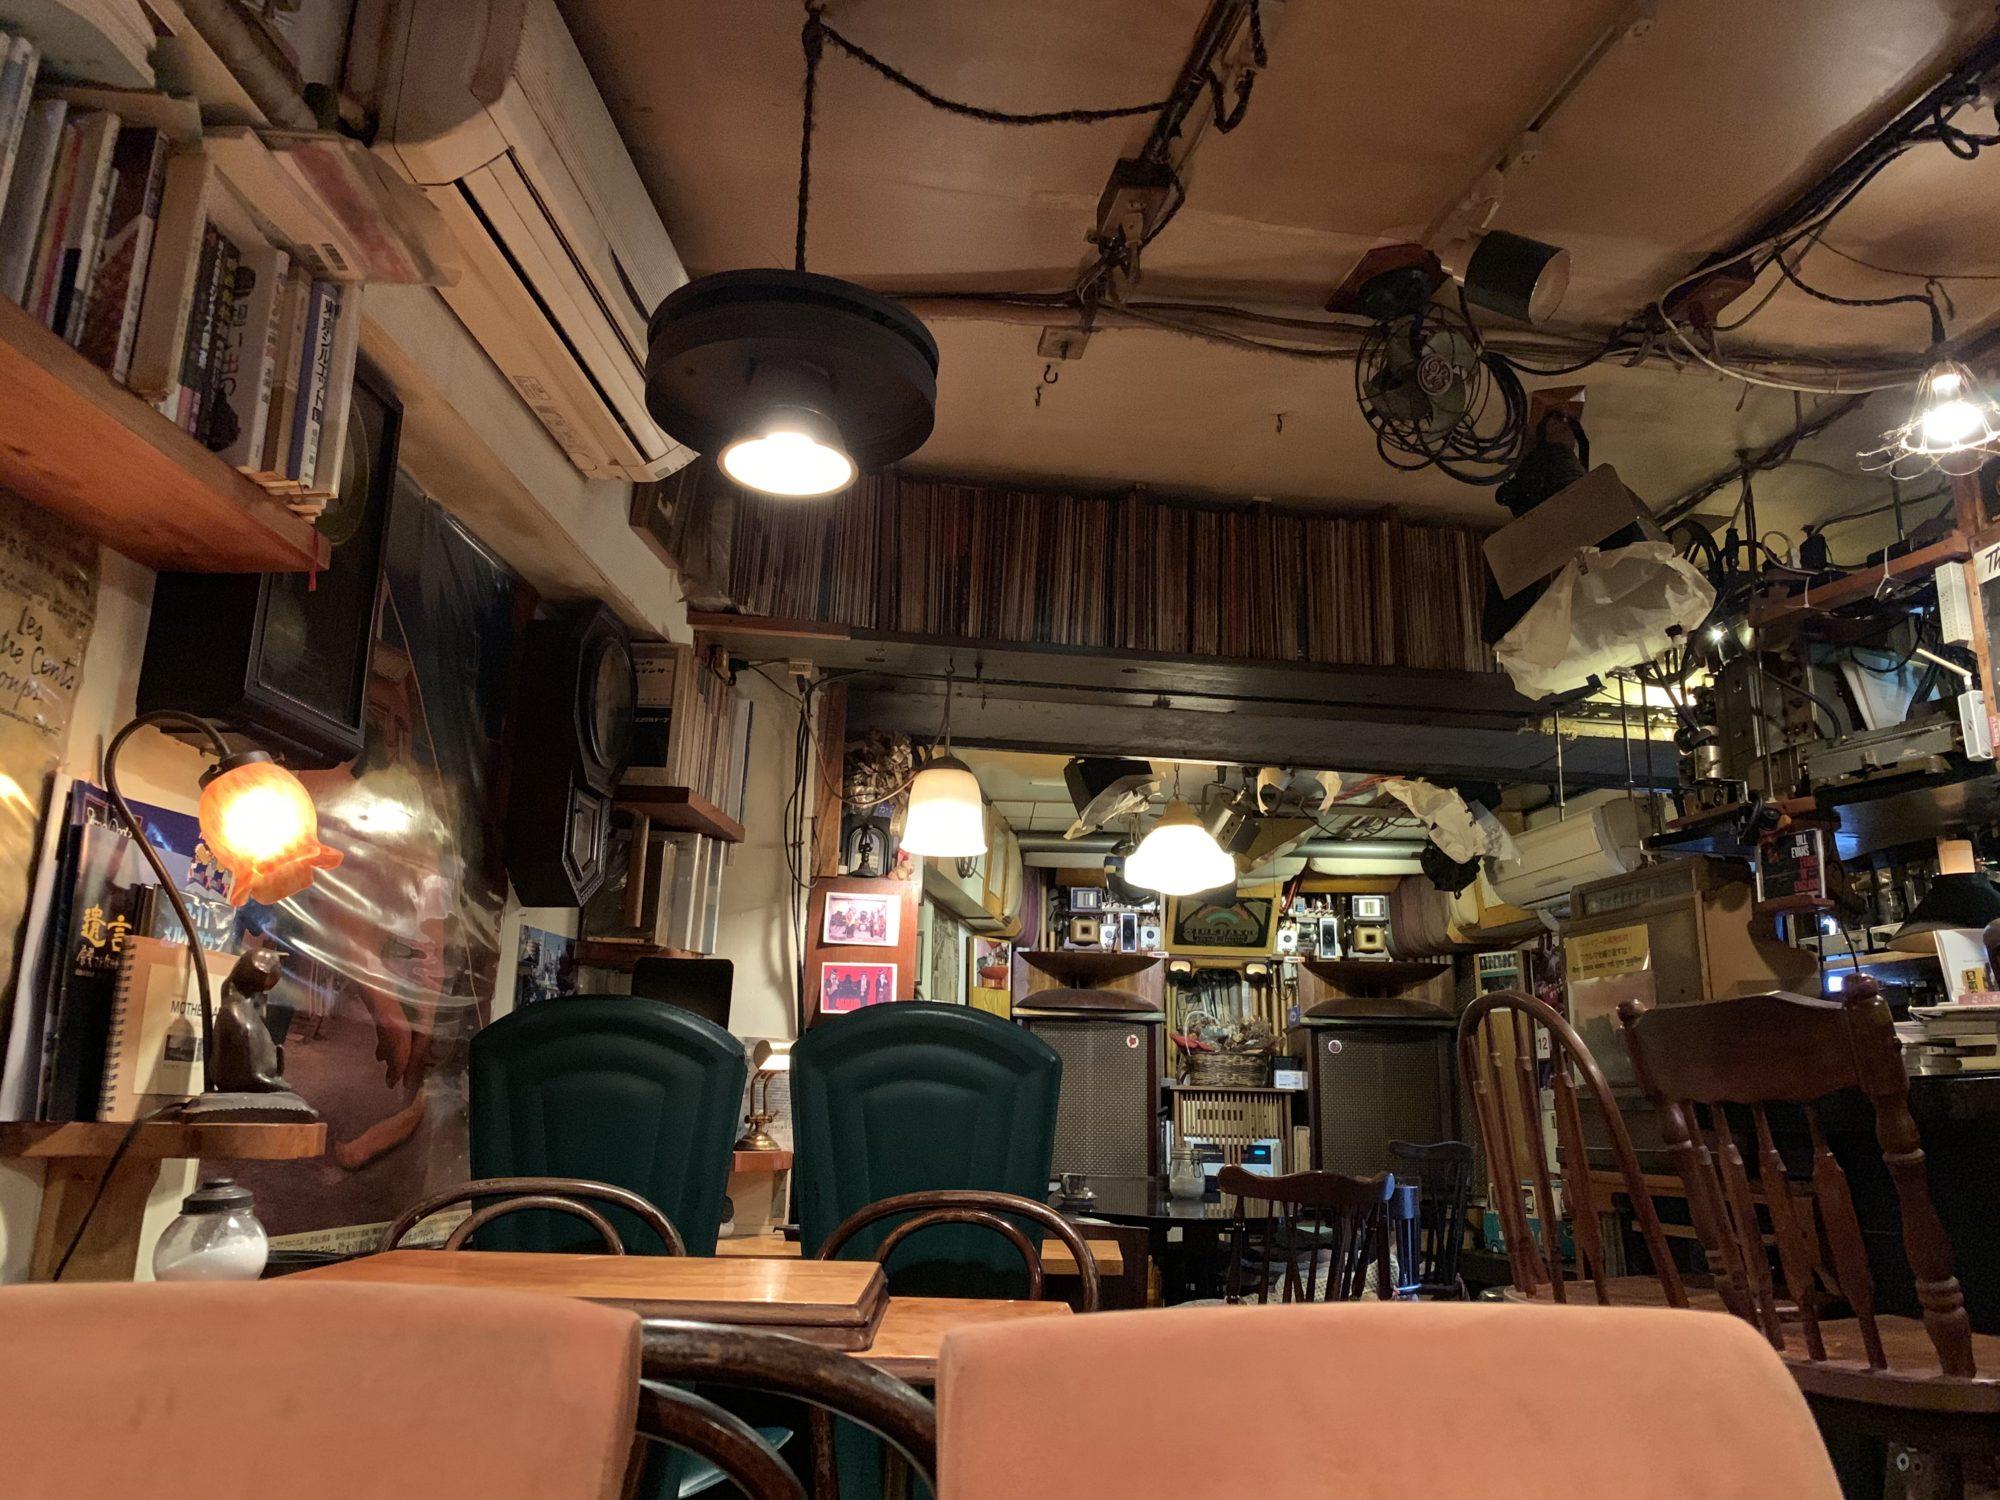 ジャズ喫茶 映画館店内